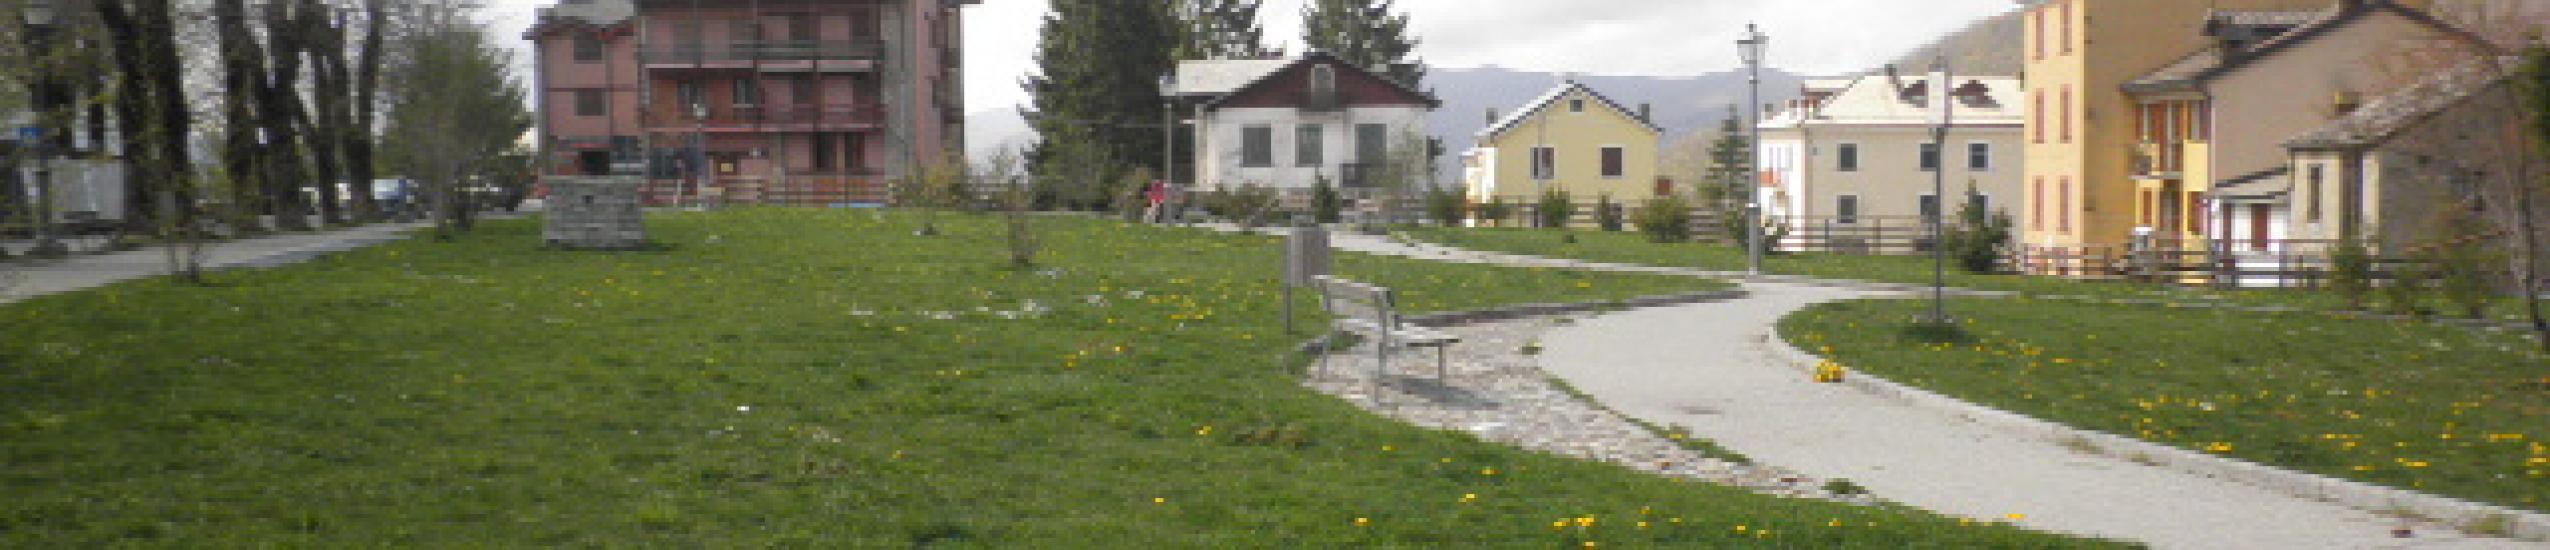 giardino pubblico Santo Stefano d'Aveto